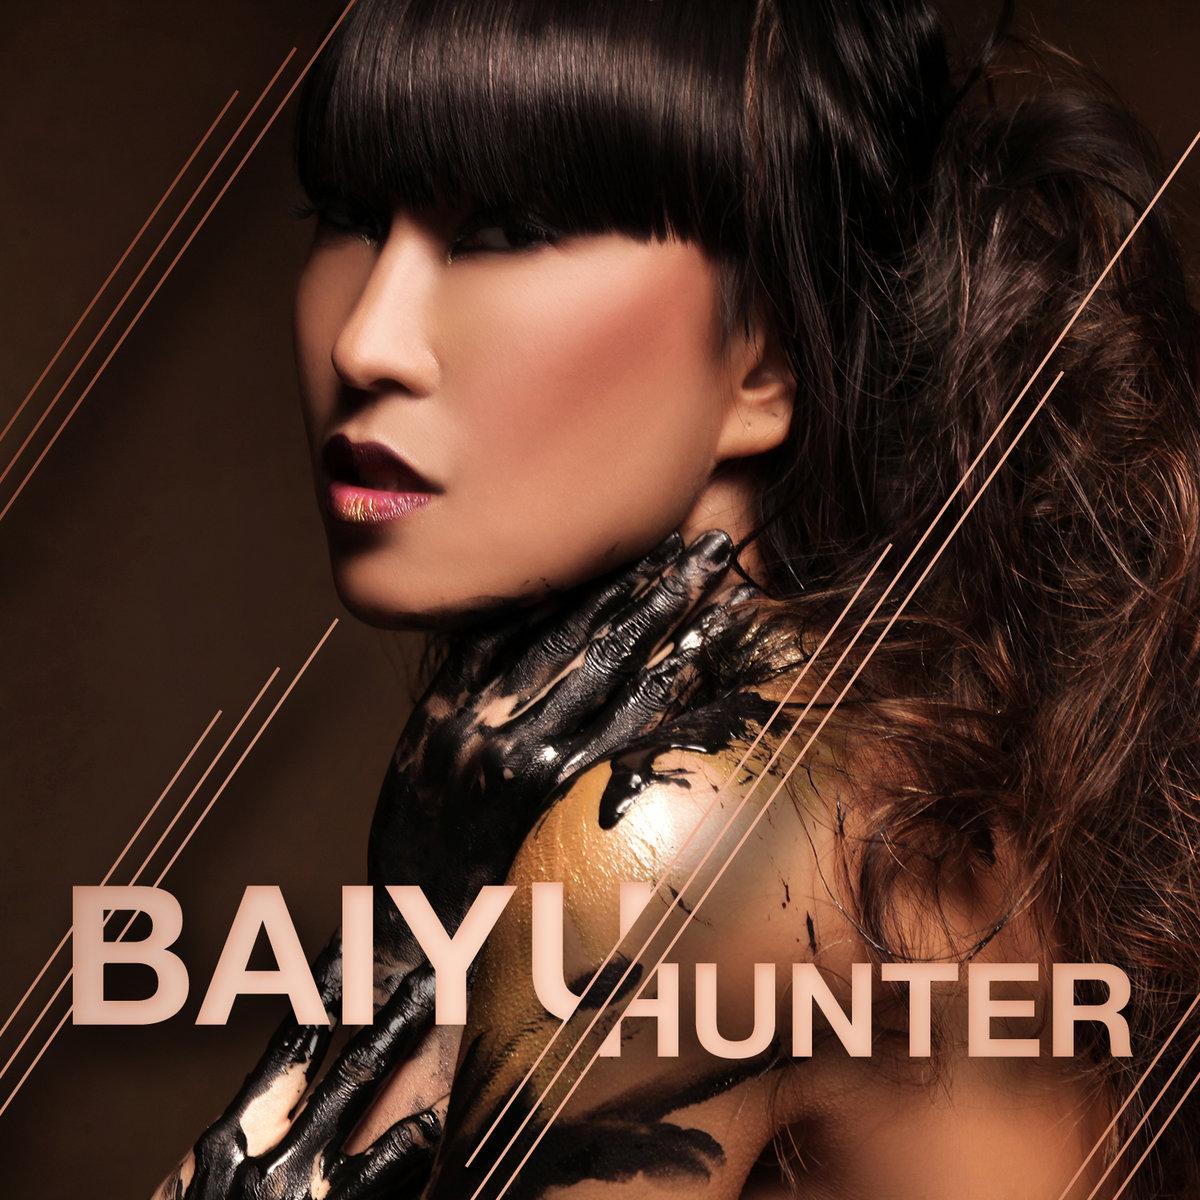 Baiyu (singer)